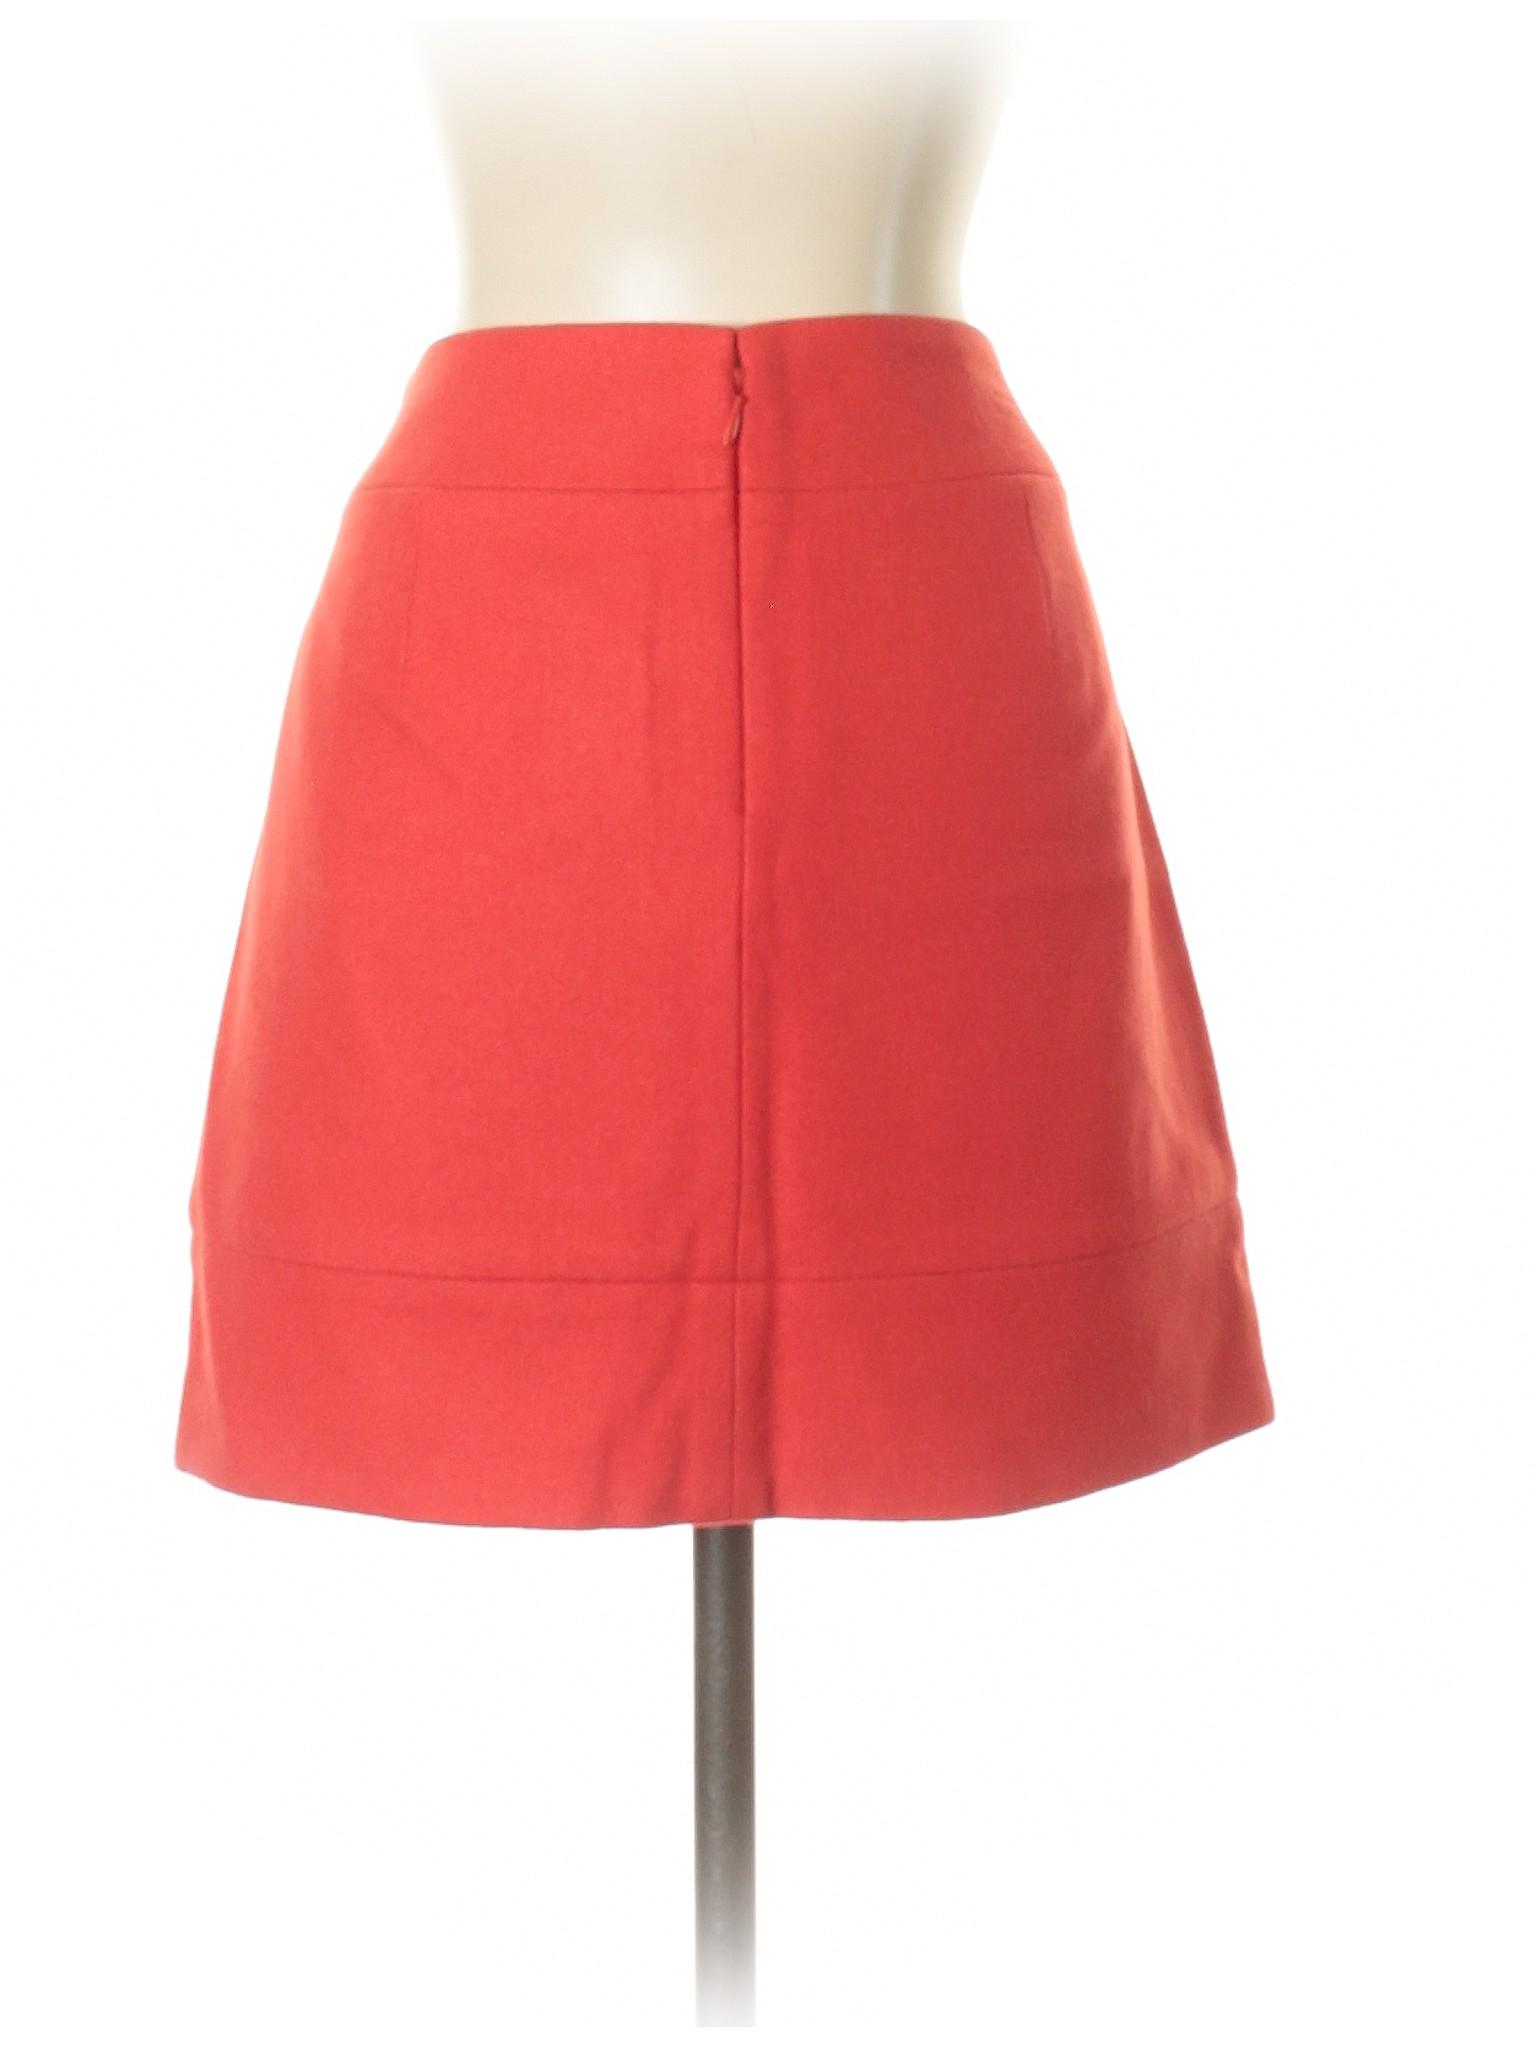 Boutique Wool Skirt Wool Boutique Boutique Wool Skirt Skirt Boutique Boutique Wool Wool Skirt X7CWfc